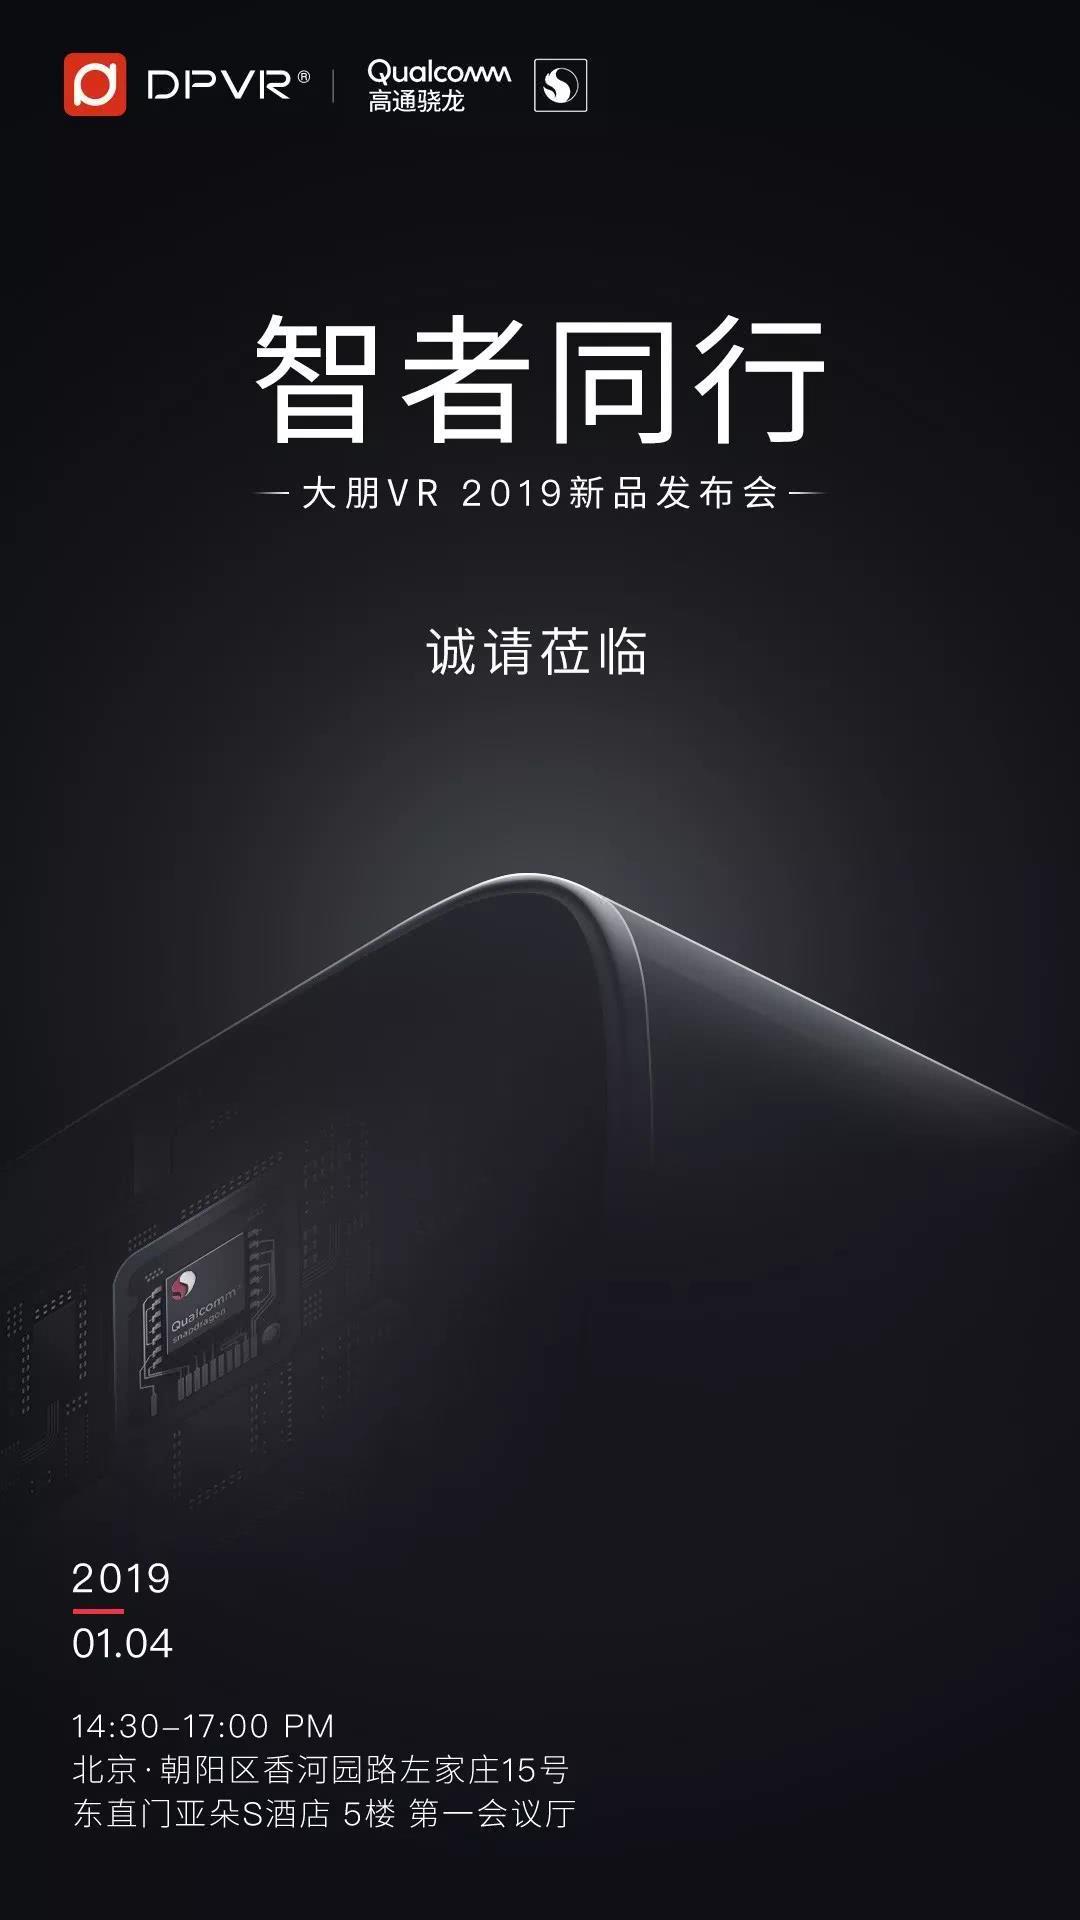 骁龙芯片VR一体机?大鹏VR新品发布会1月4日举行